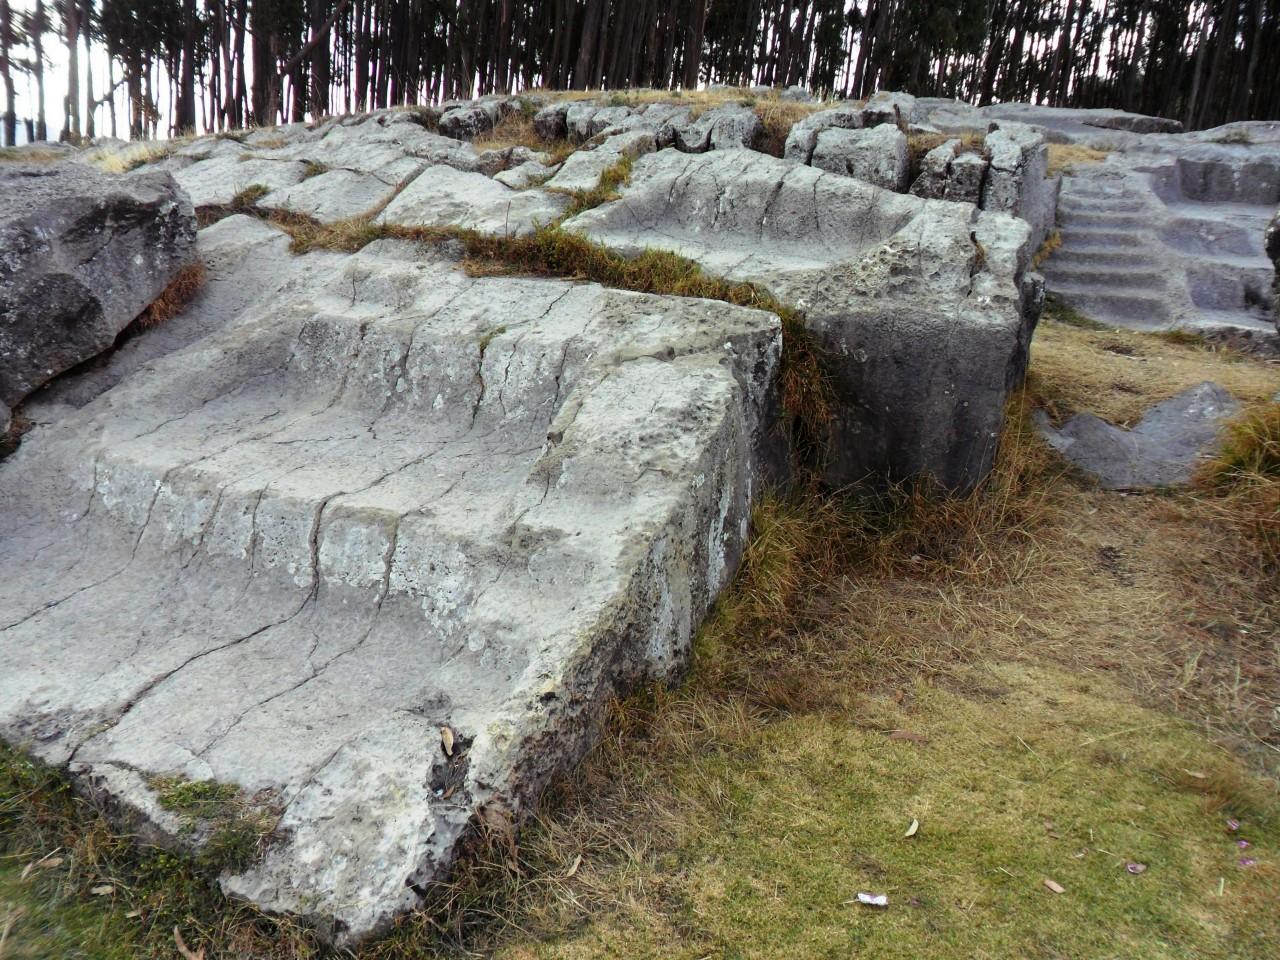 Qenqo-Chico-Altari-Mura-Poligonali-Megaliti-Cusco-Perù-2